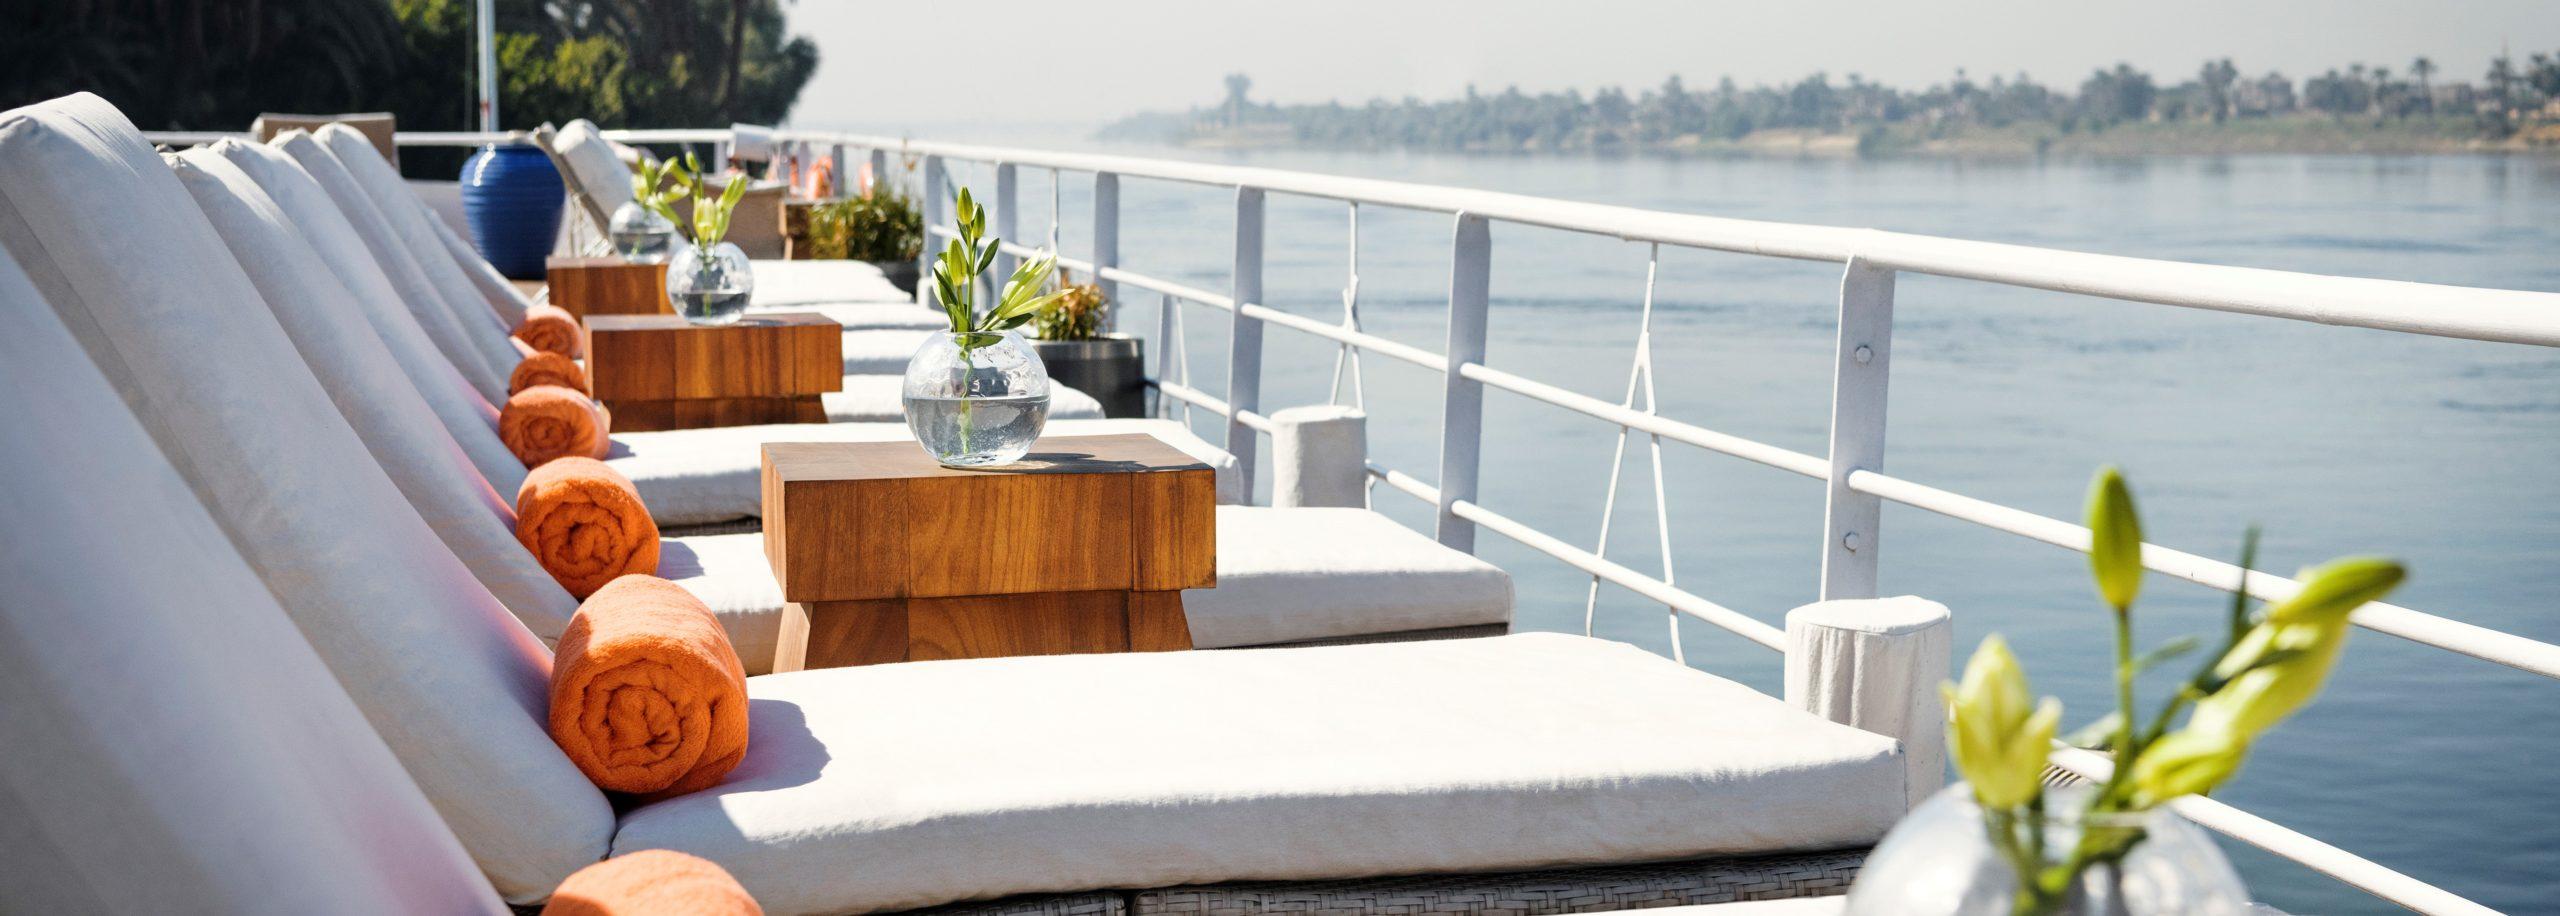 Luxury Egypt tour, 10 days luxury egypt tour, sanctuary nile cruise